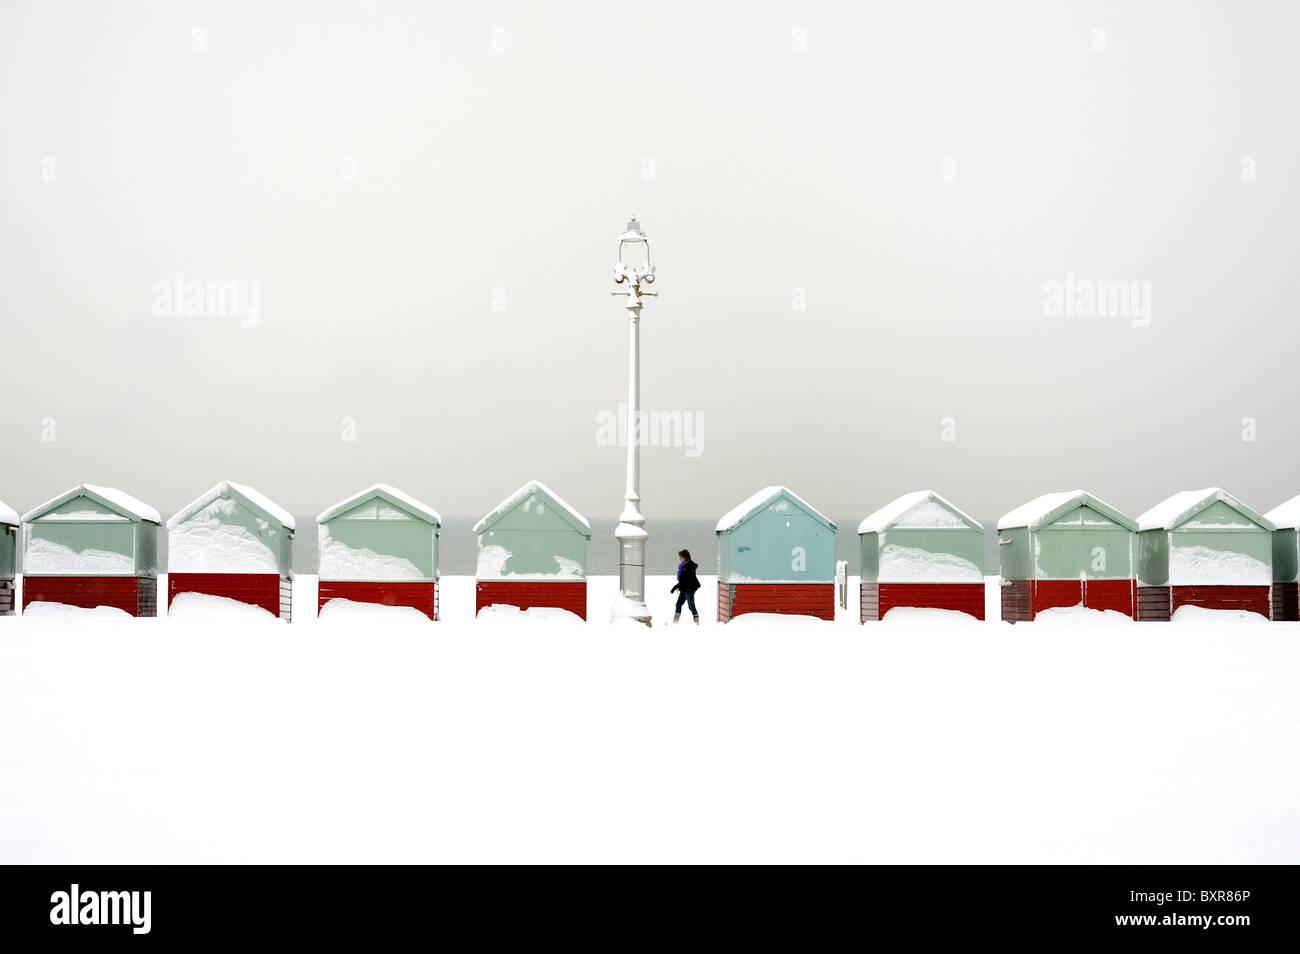 Un caminante pasa una fila de casetas de playa cubierta de nieve Imagen De Stock